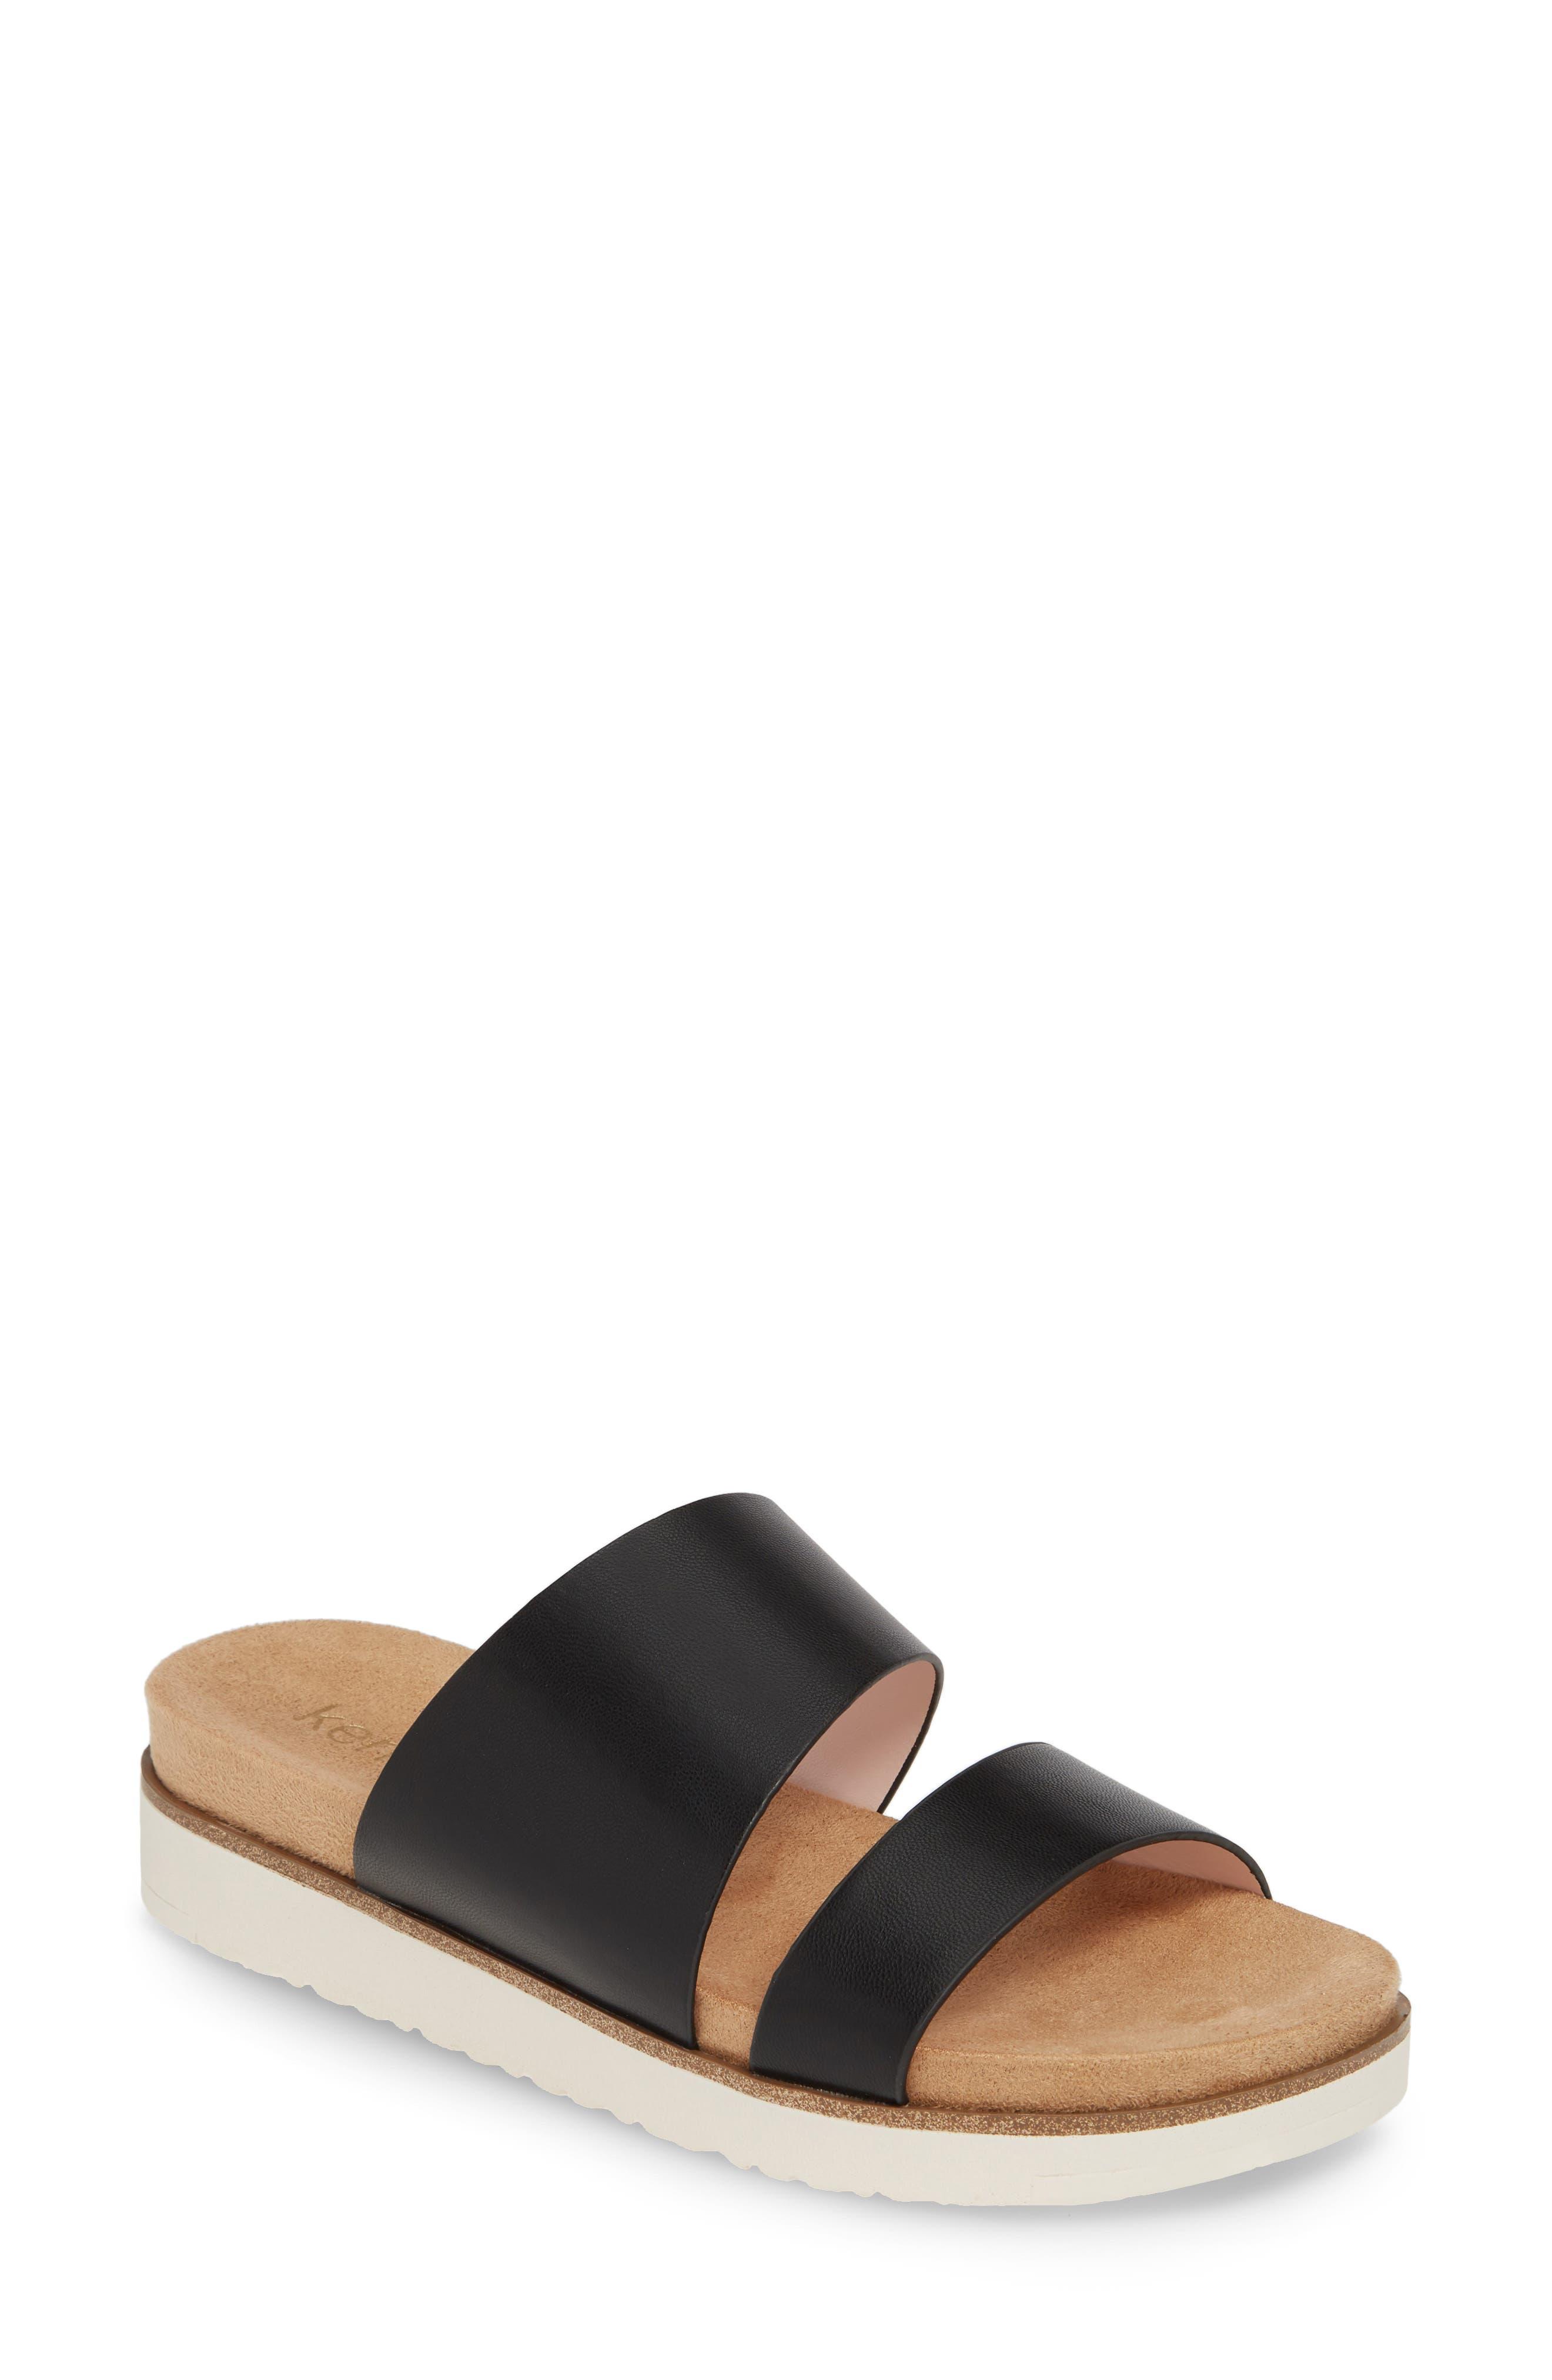 Danesha Slide Sandal by Kensie